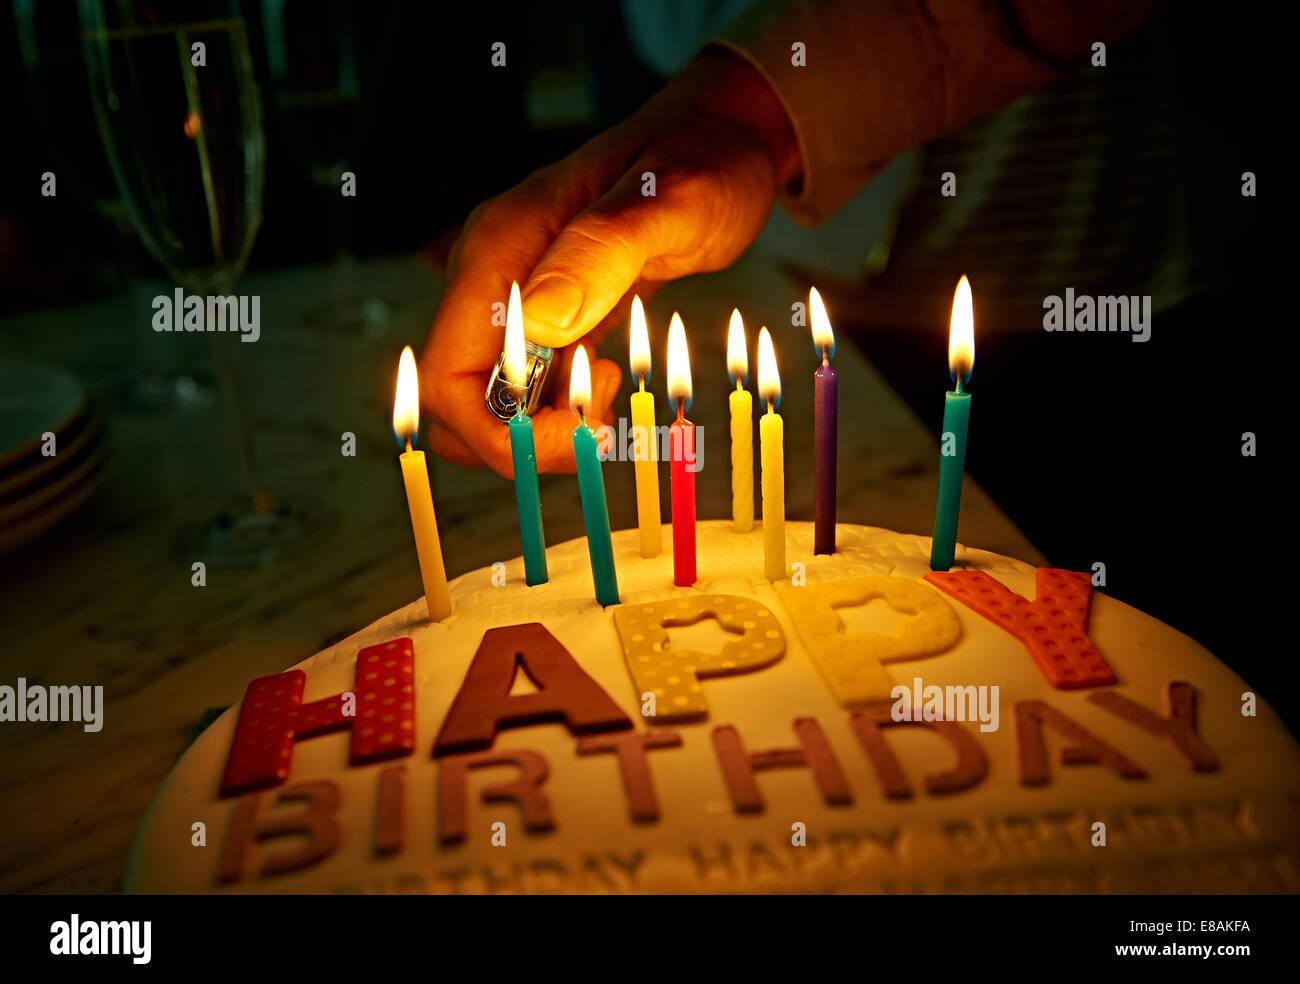 Mano encendiendo velas en la tarta de cumpleaños Imagen De Stock